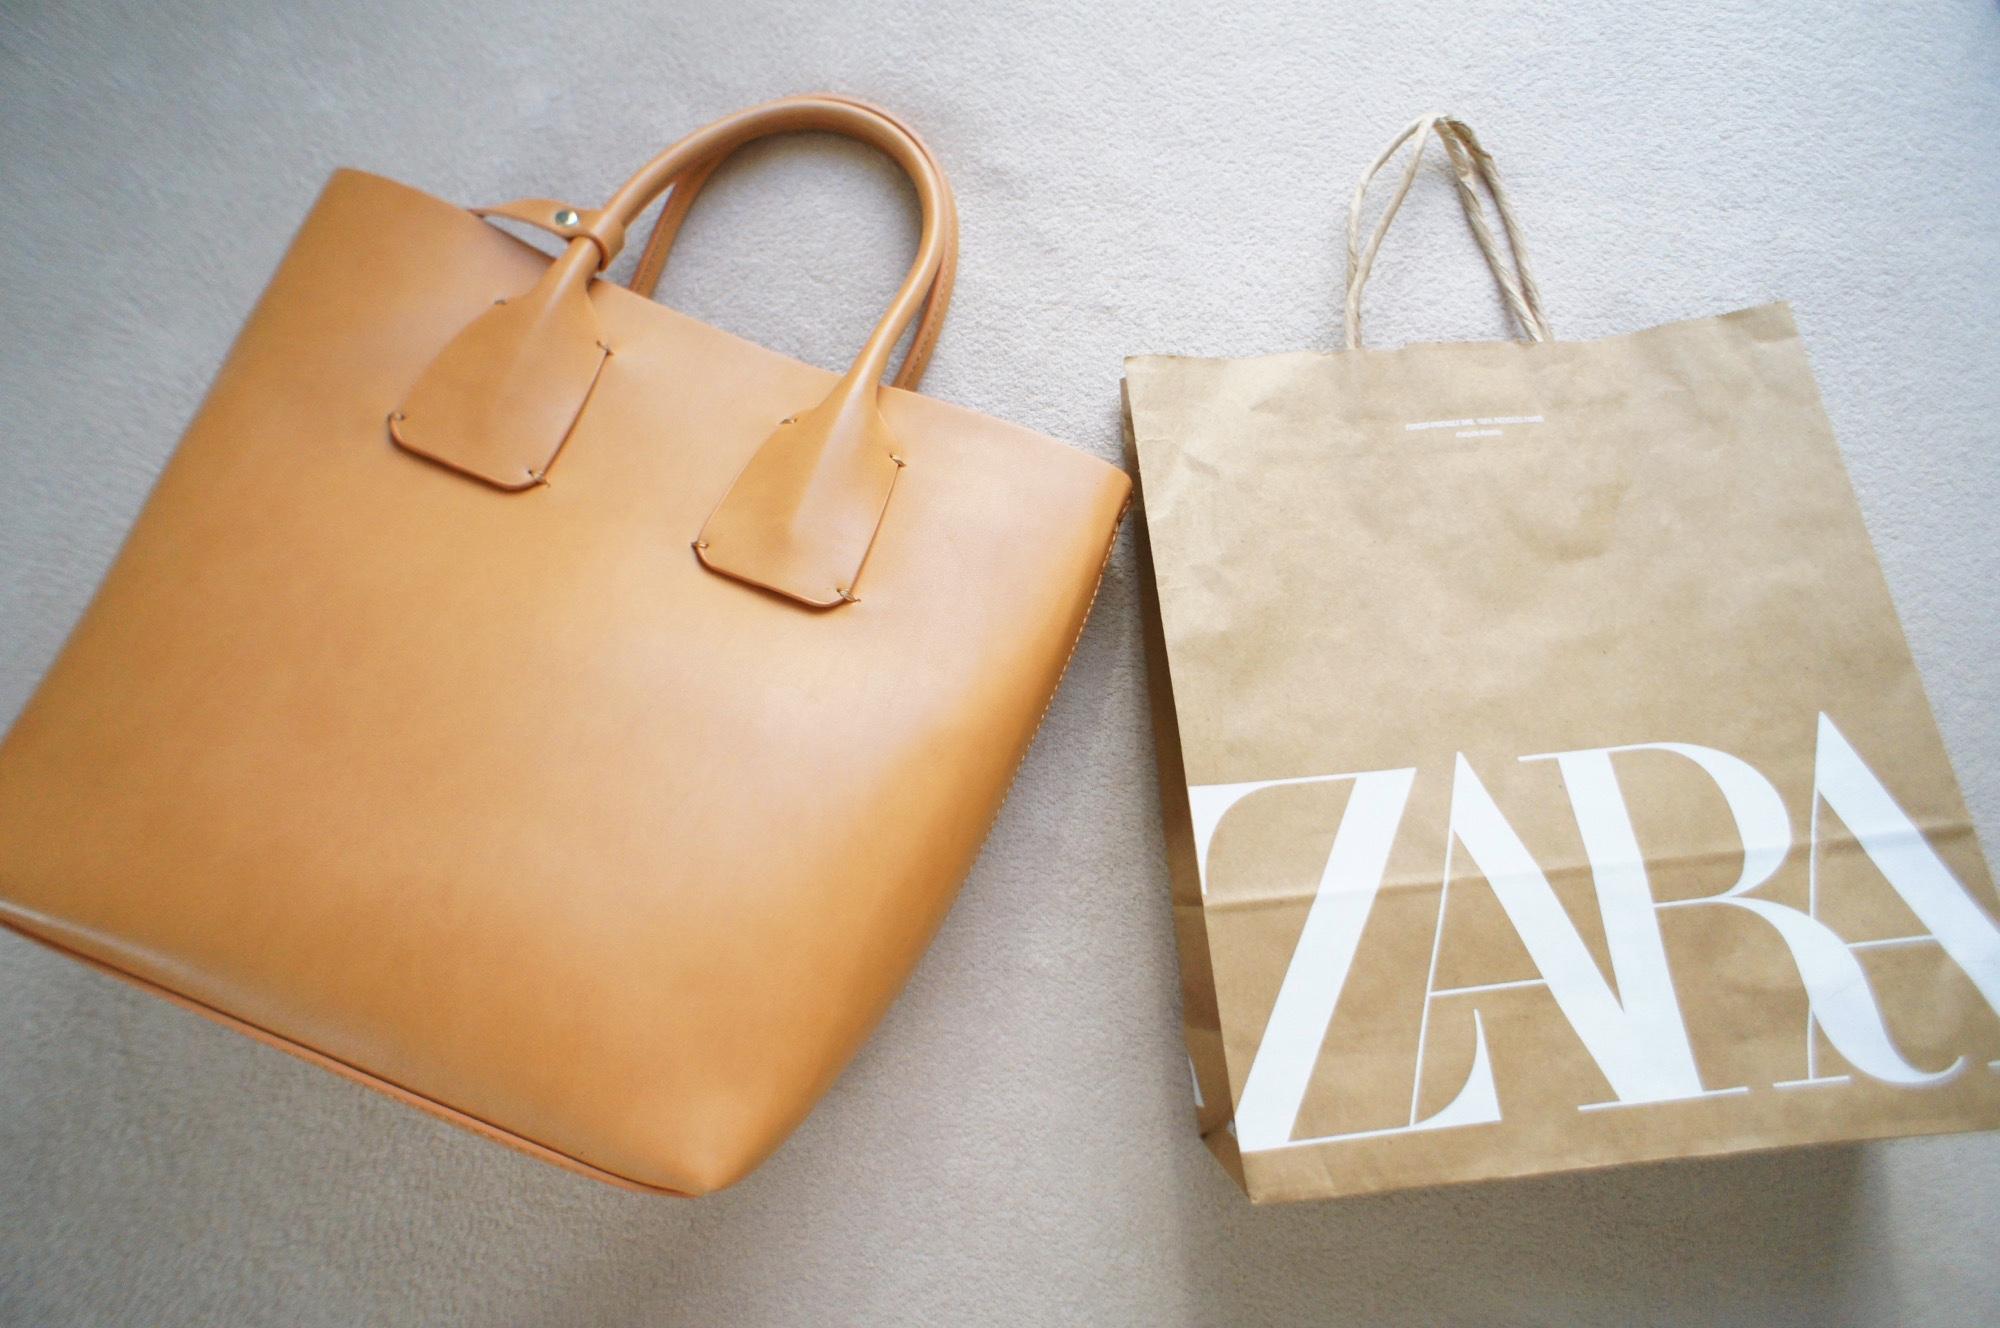 高コスパ、『ZARA』のトートバッグが買い♪ きれいめ春ワンピのおすすめ【今週のモアハピ部ファッション人気ランキング】_3